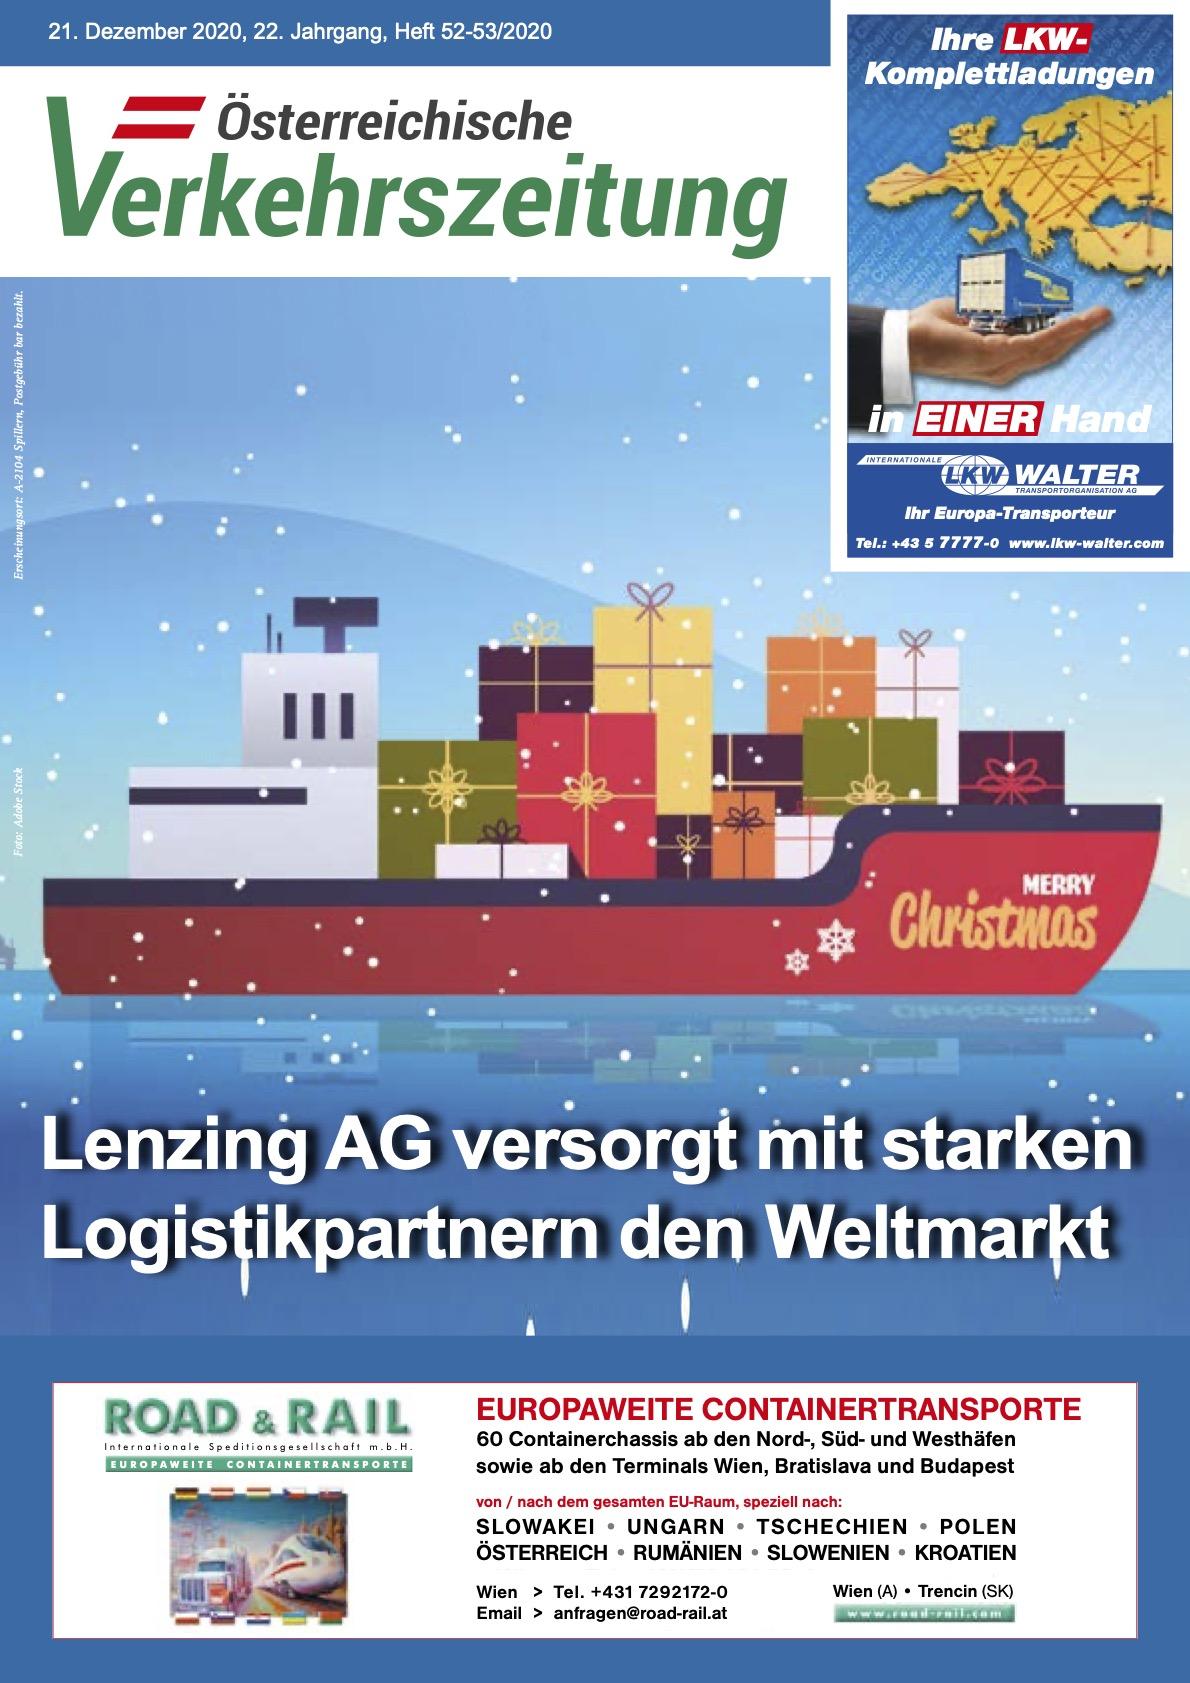 Zeitungsbild 52-53/2020